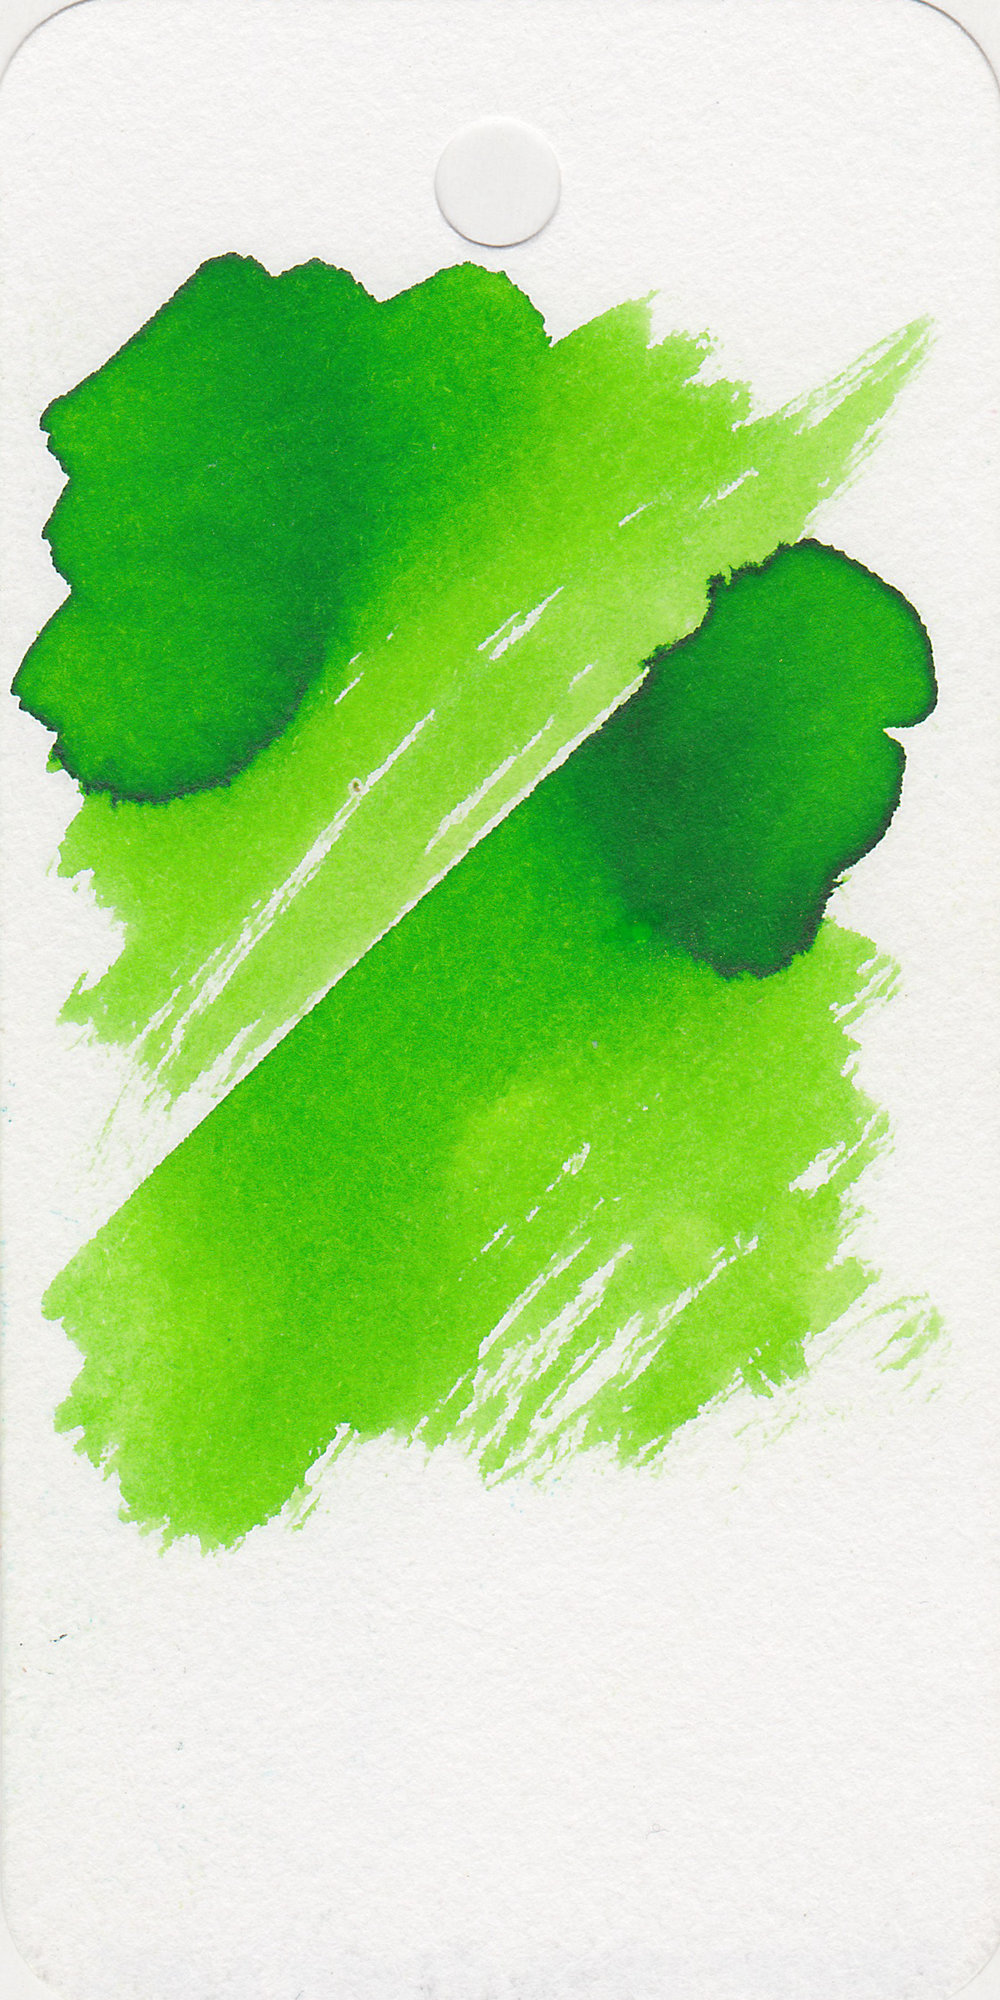 ro-green-green-5.jpg